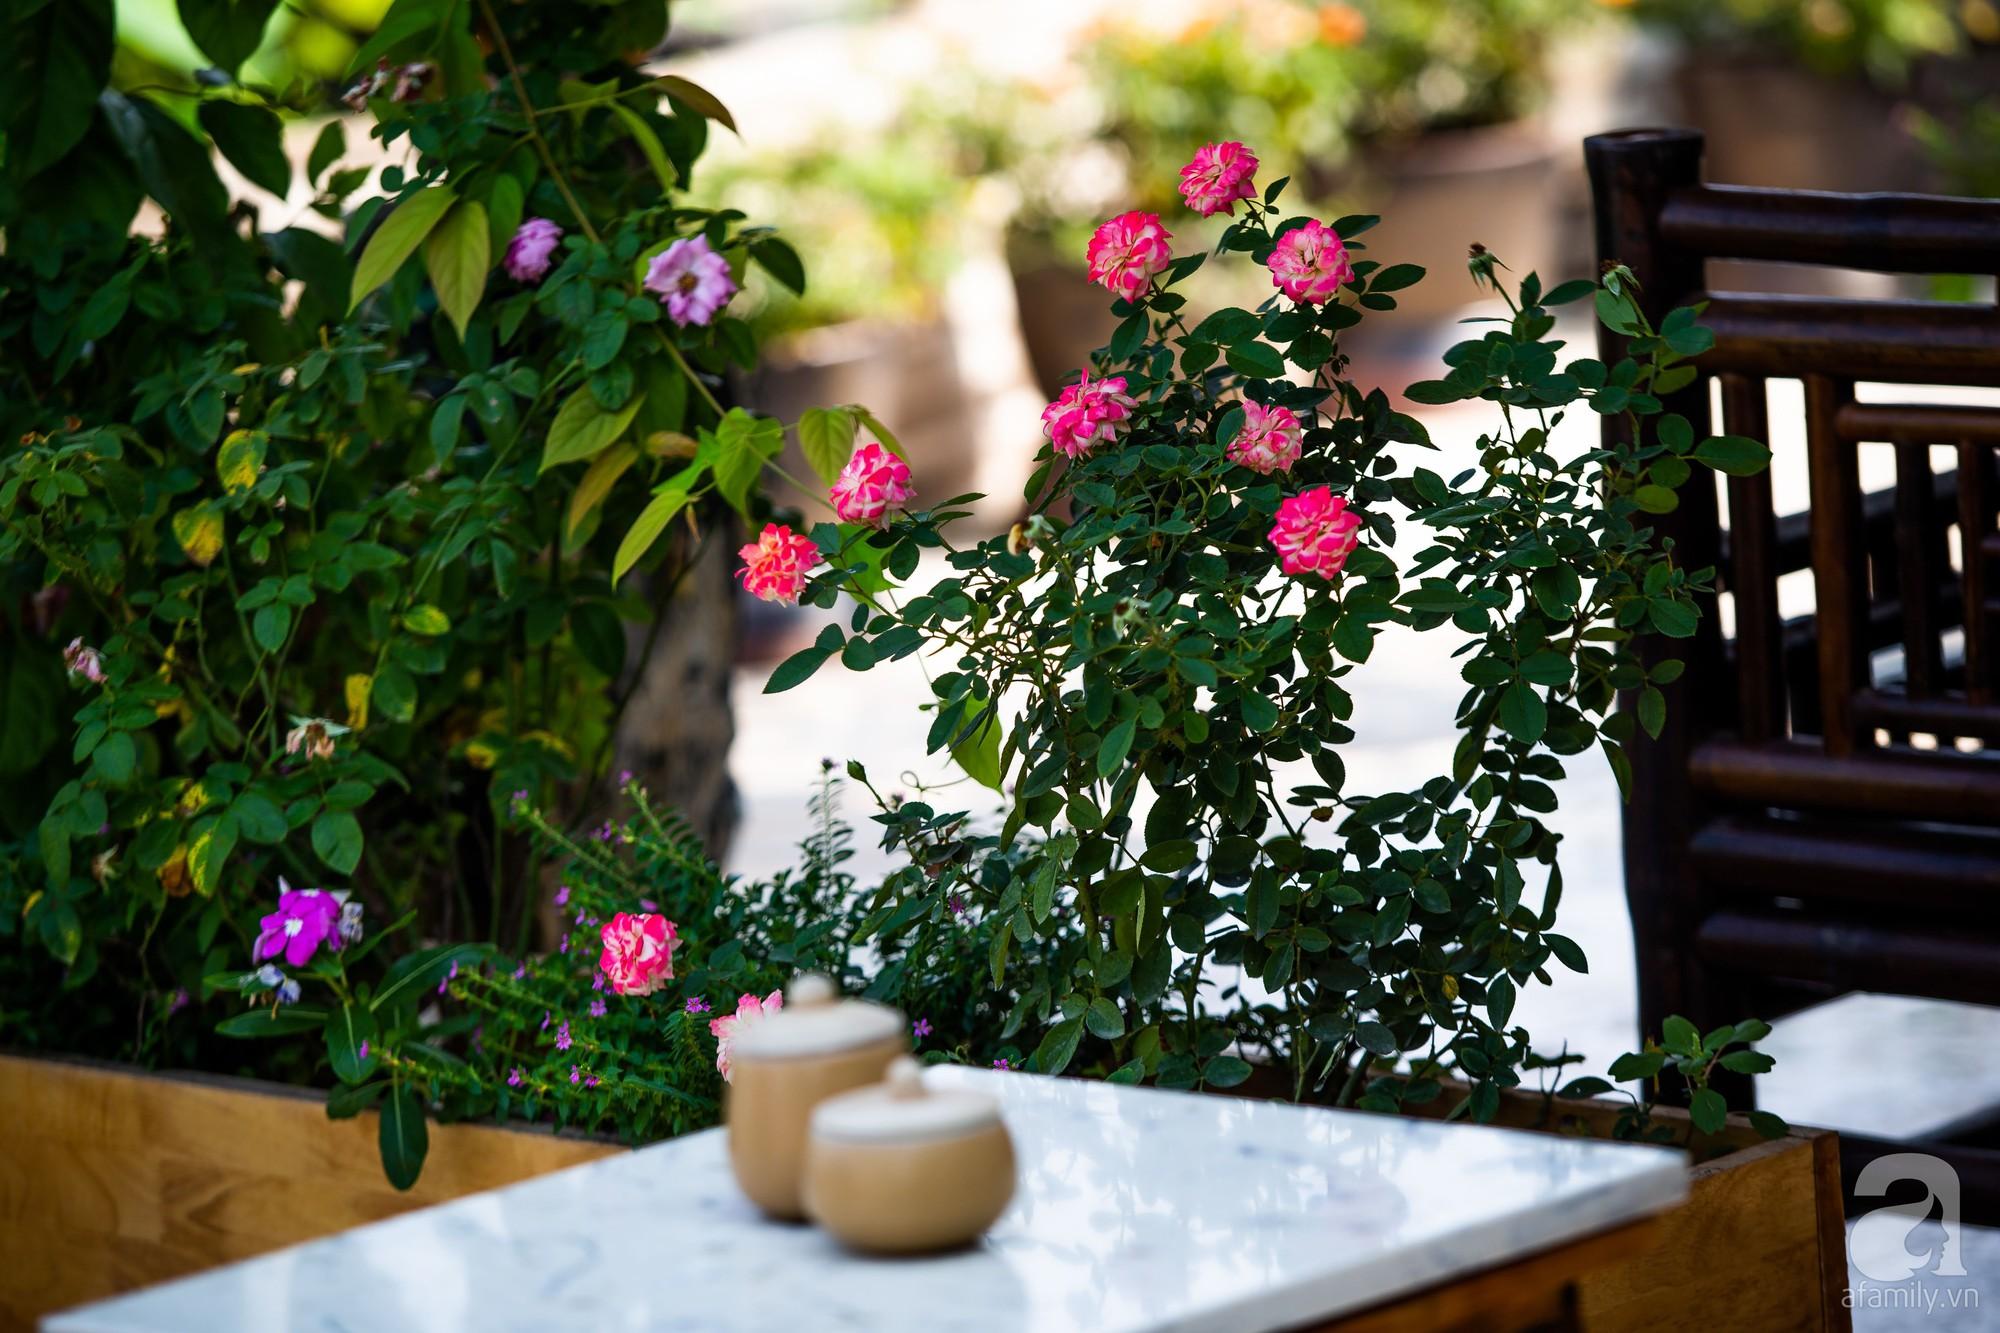 Khu vườn trên sân thượng rộng 200m² đẹp ngỡ ngàng với trăm loài hoa đua nhau khoe sắc ở Hà Nội - 9